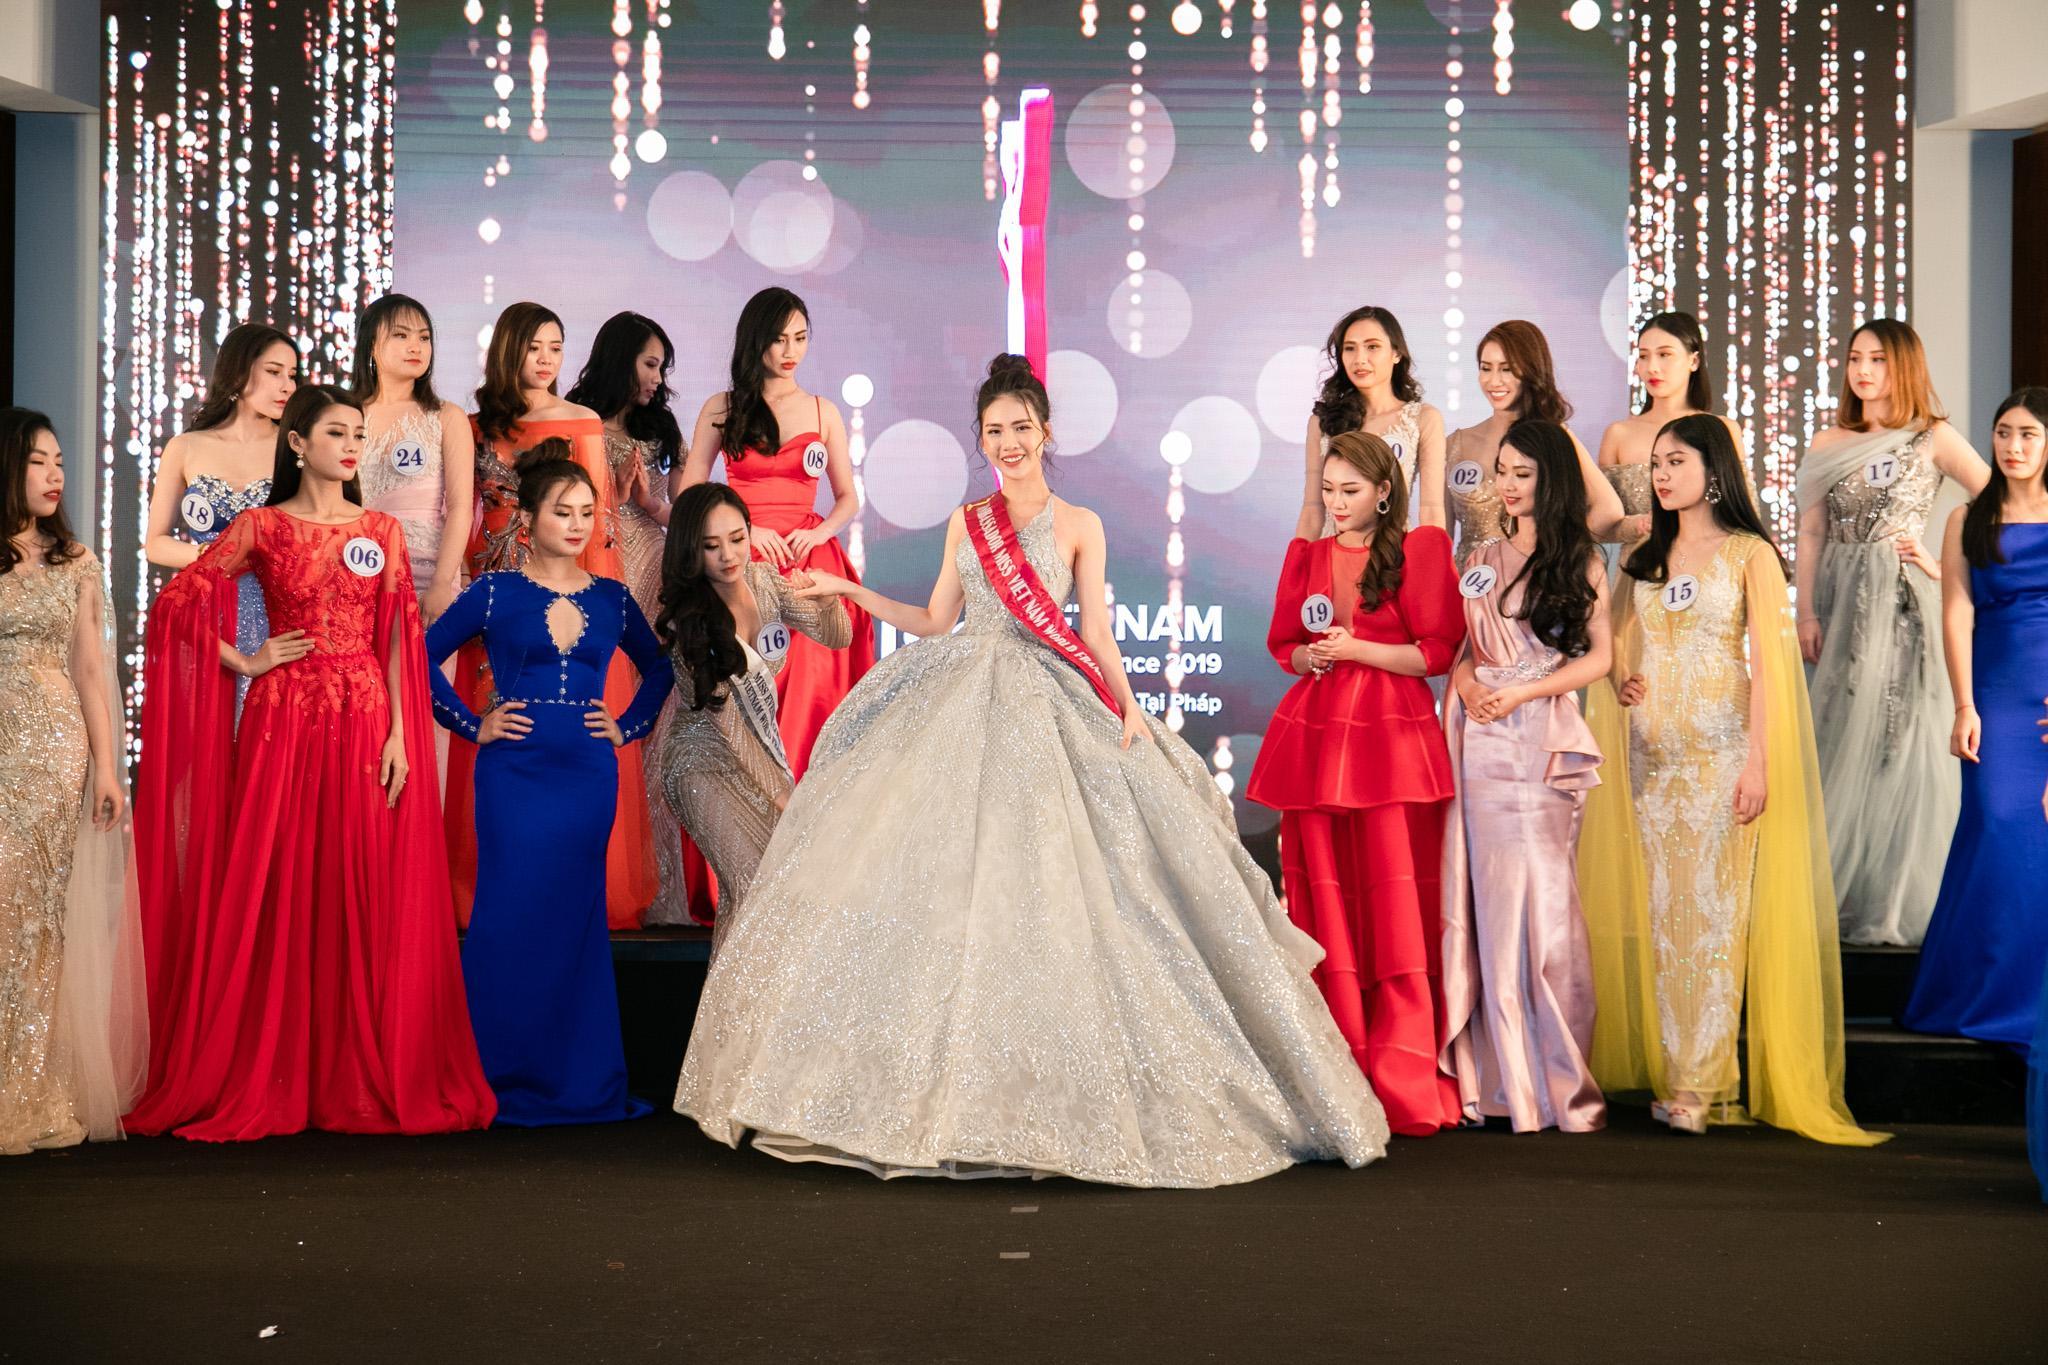 Đâu chỉ siêu mẫu Quỳnh Hoa, không ít người đẹp Vbiz dùng chiêu này để 'chặt chém' trên sân khấu Ảnh 4